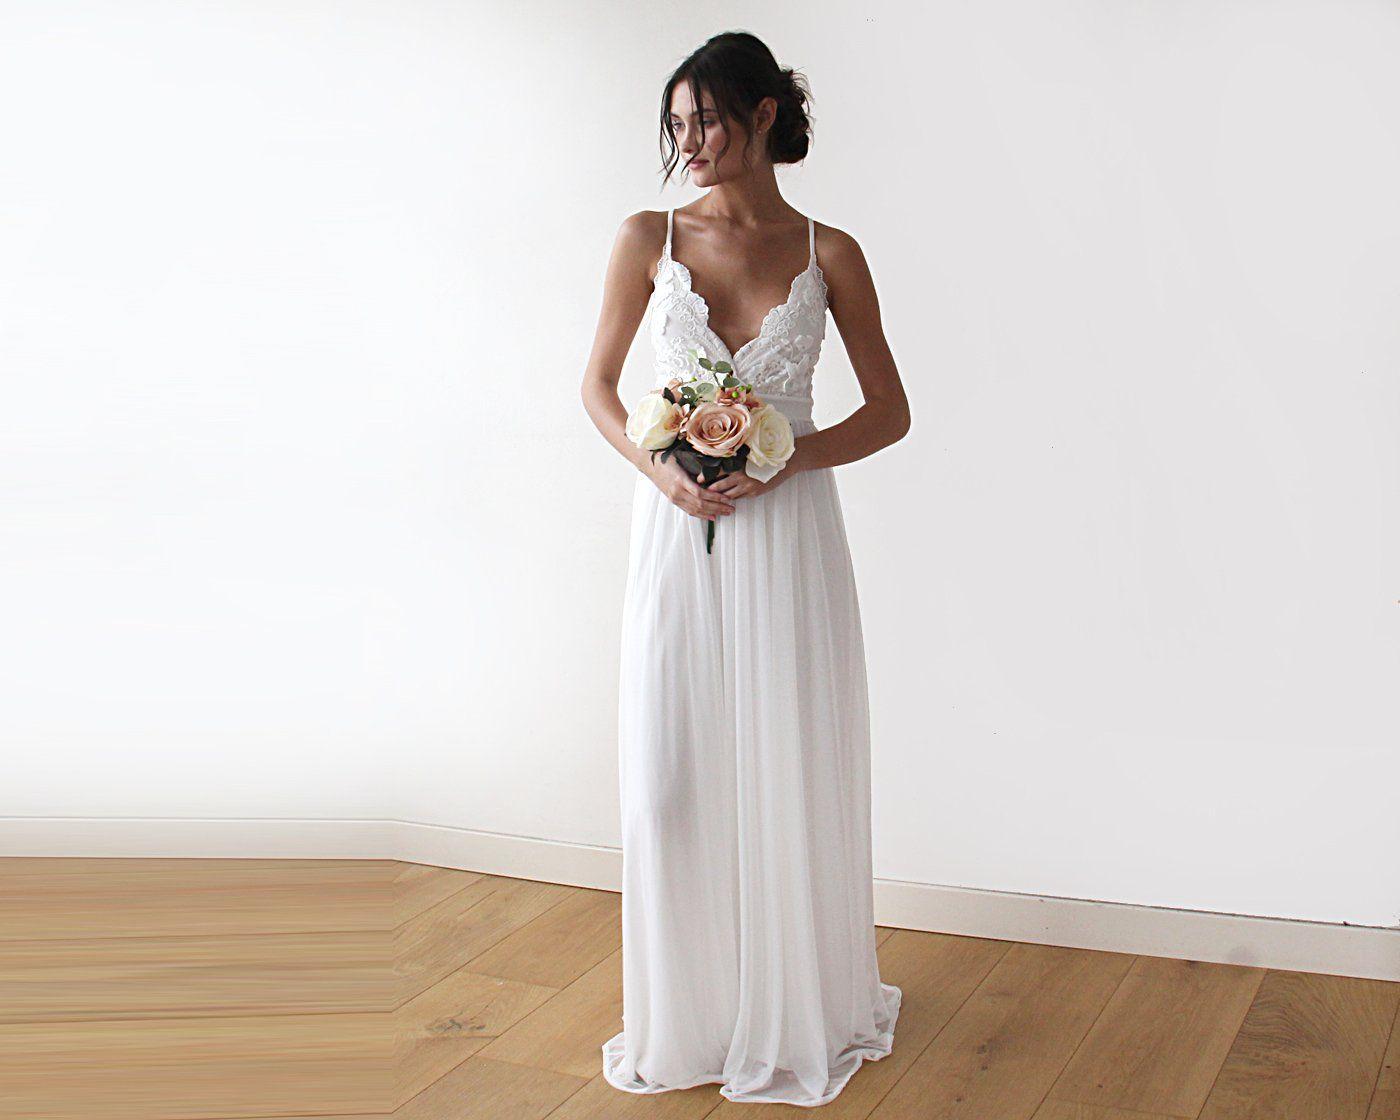 Lace spaghetti strap wedding dress  Lace spaghetti straps maxi dress D Flower lace ivory wedding dress